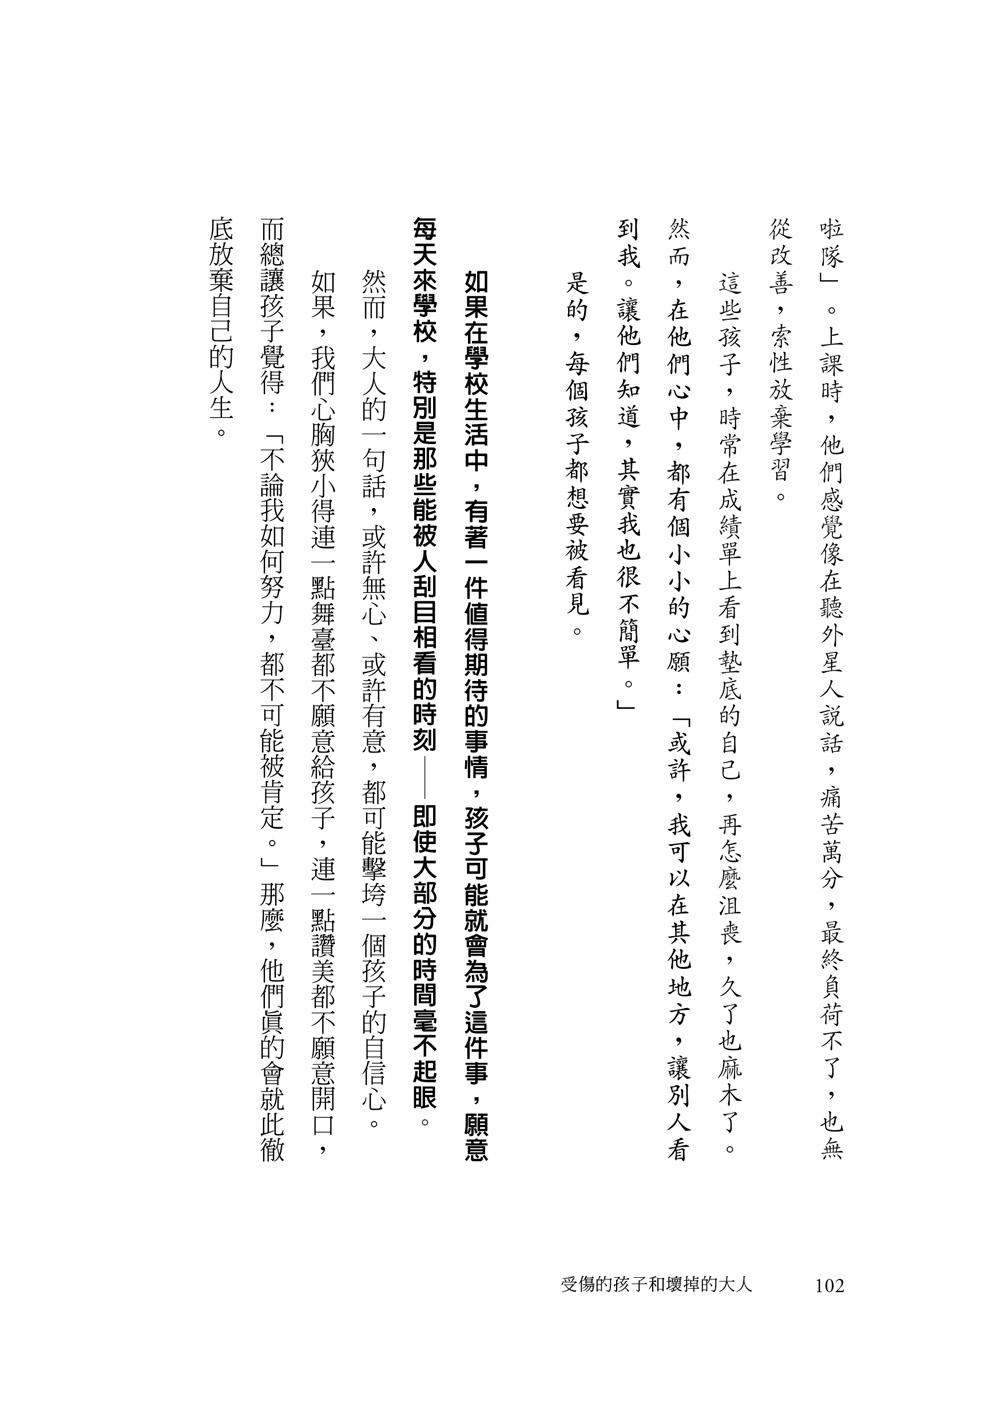 http://im1.book.com.tw/image/getImage?i=http://www.books.com.tw/img/001/077/08/0010770814_b_12.jpg&v=5a0c1764&w=655&h=609